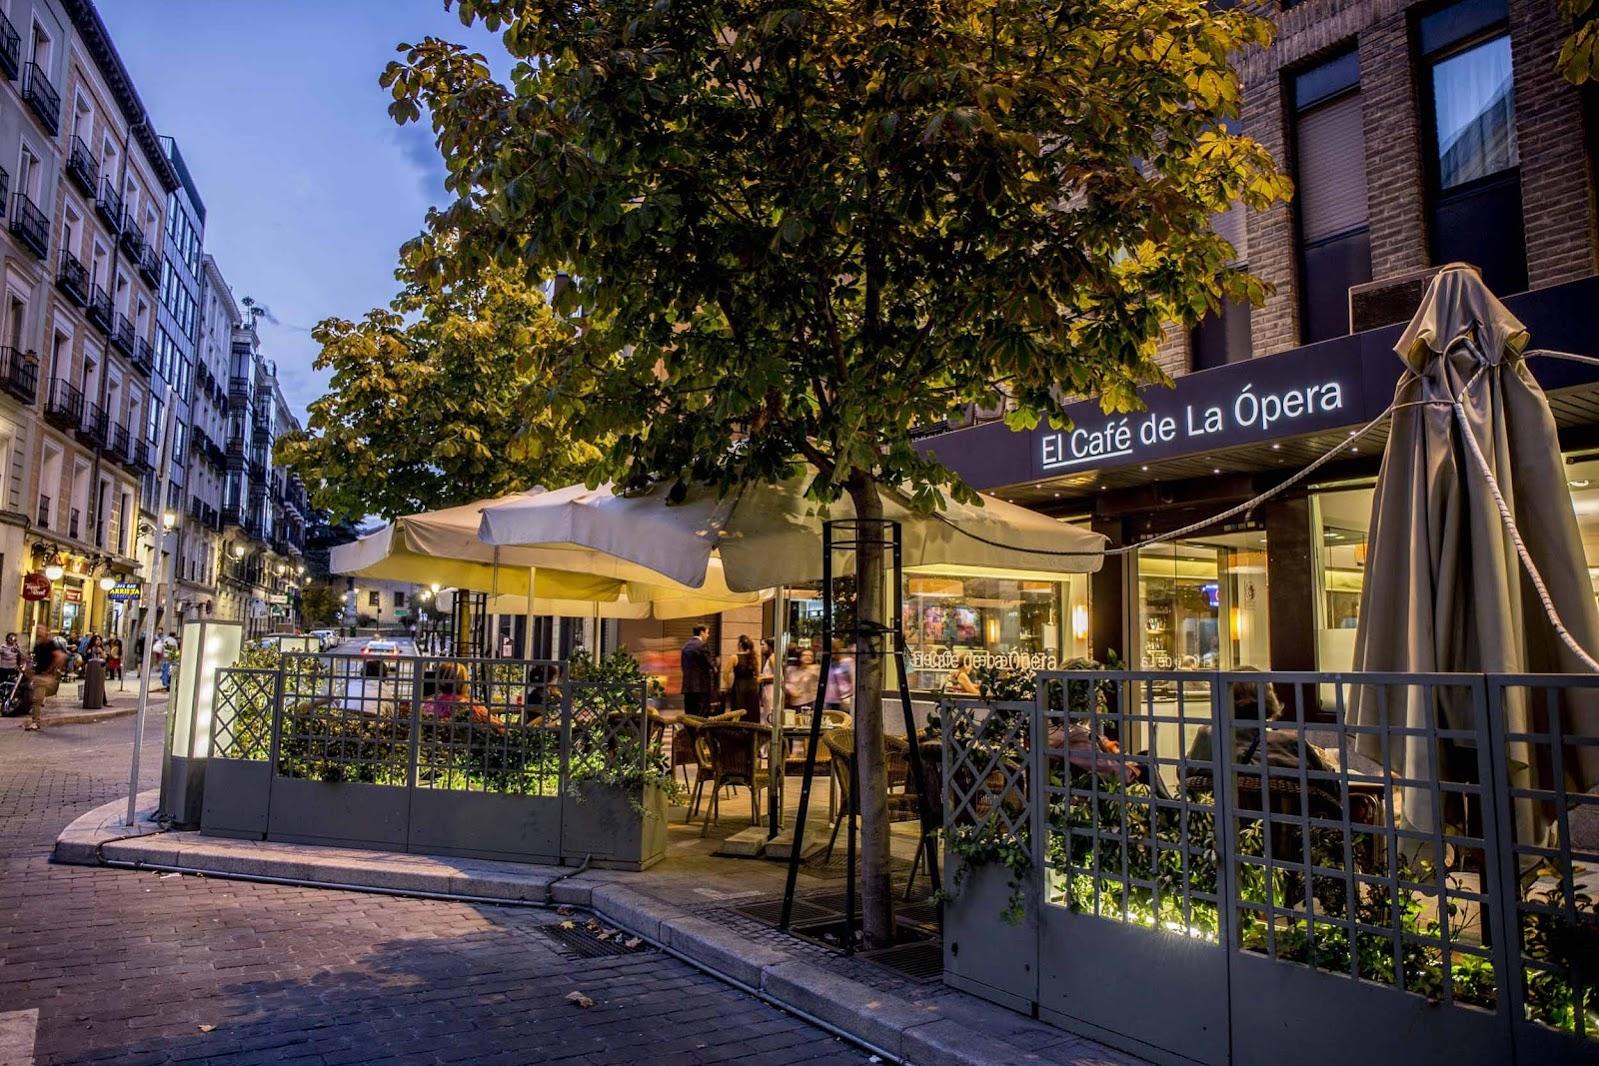 Terraza El Café de la Ópera